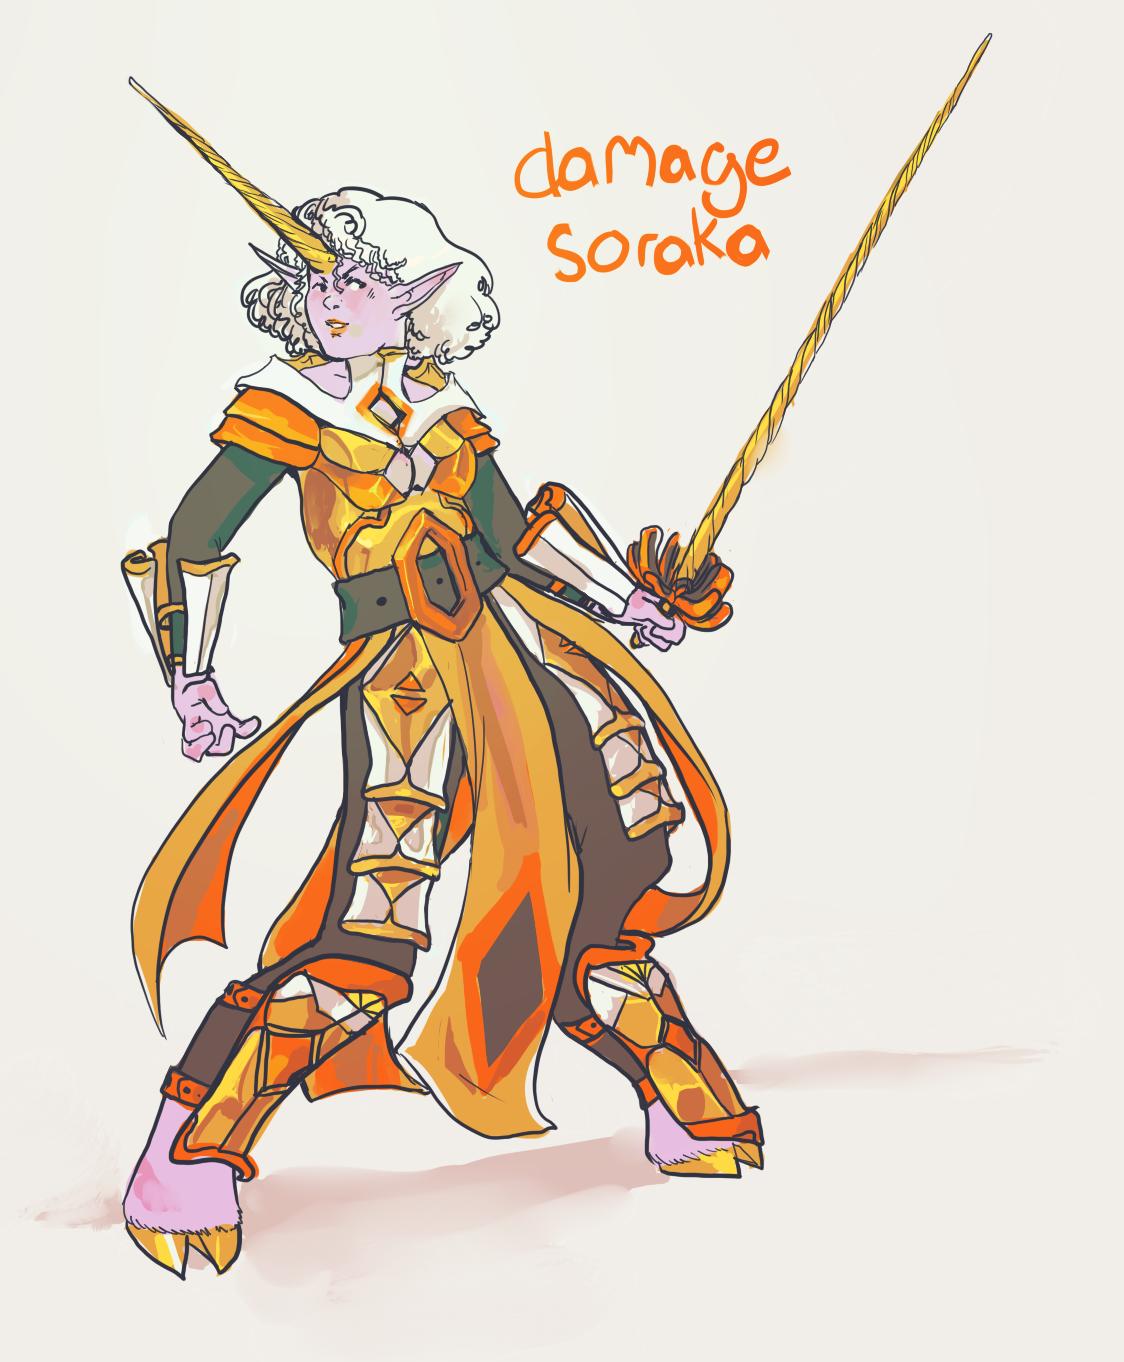 Damage Soraka by duskemi